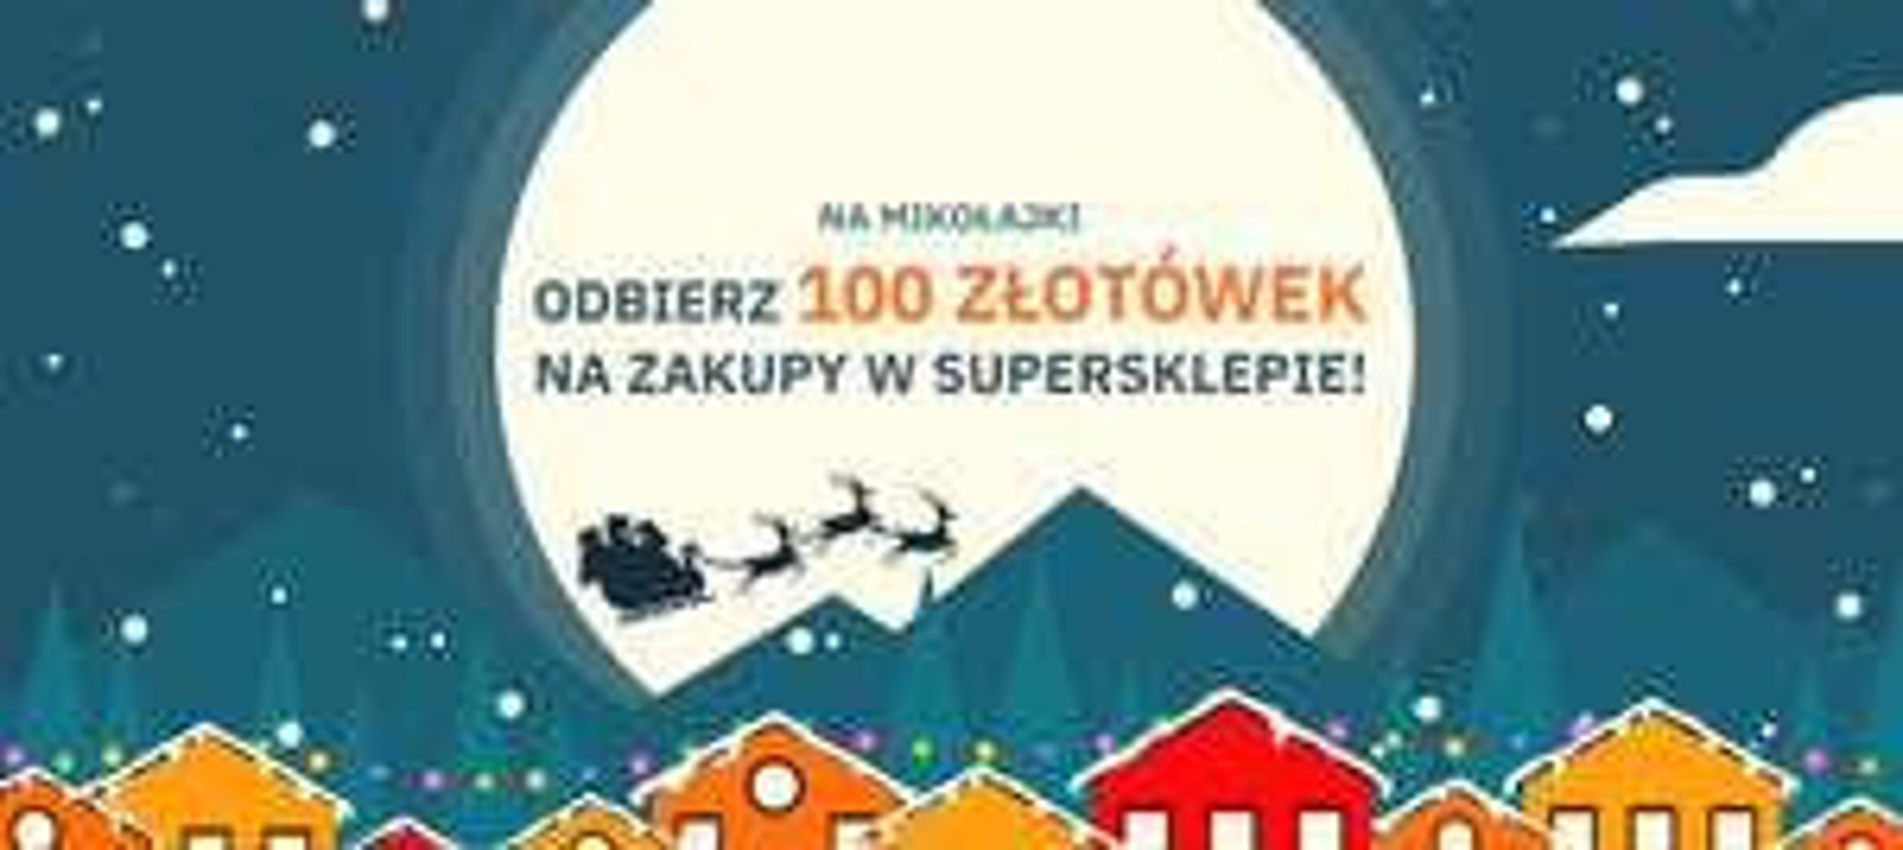 SuperSklep - 100 złotówek na Mikołajki dla każdego